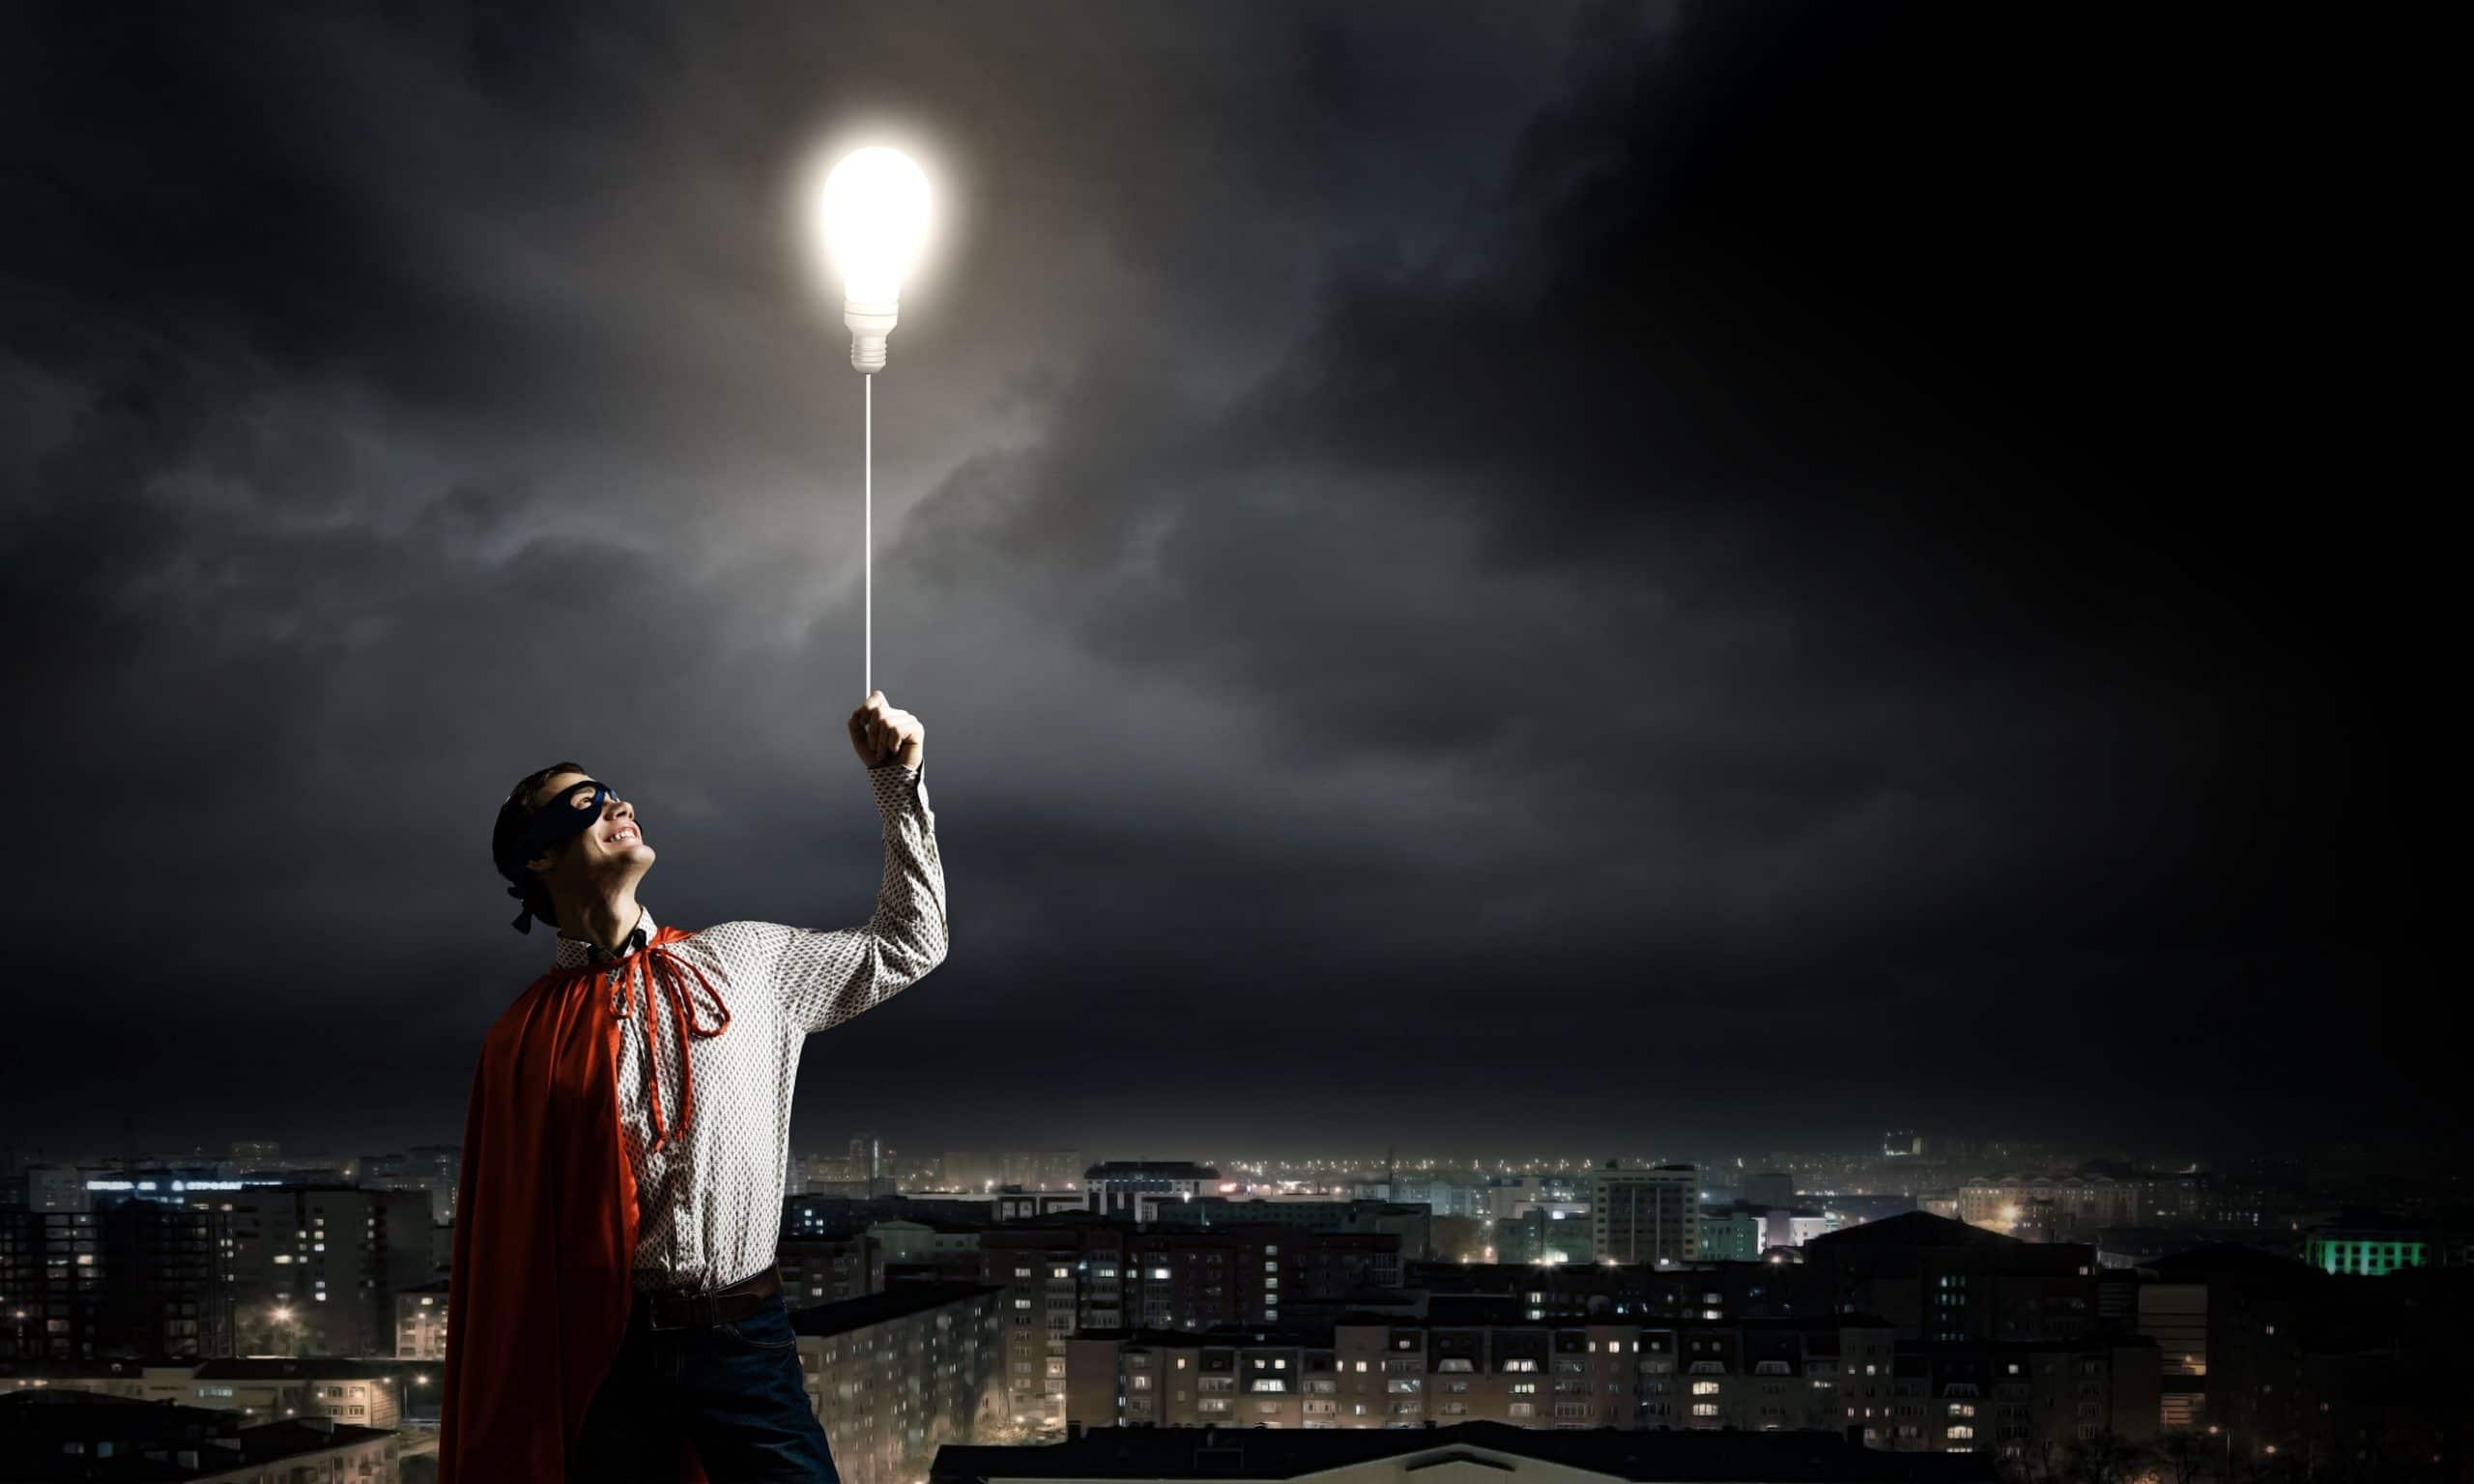 Homem jovem, vestido de super herói, segurando uma lâmpada acesa como um balão, no meio de uma cidade com o céu da noite.